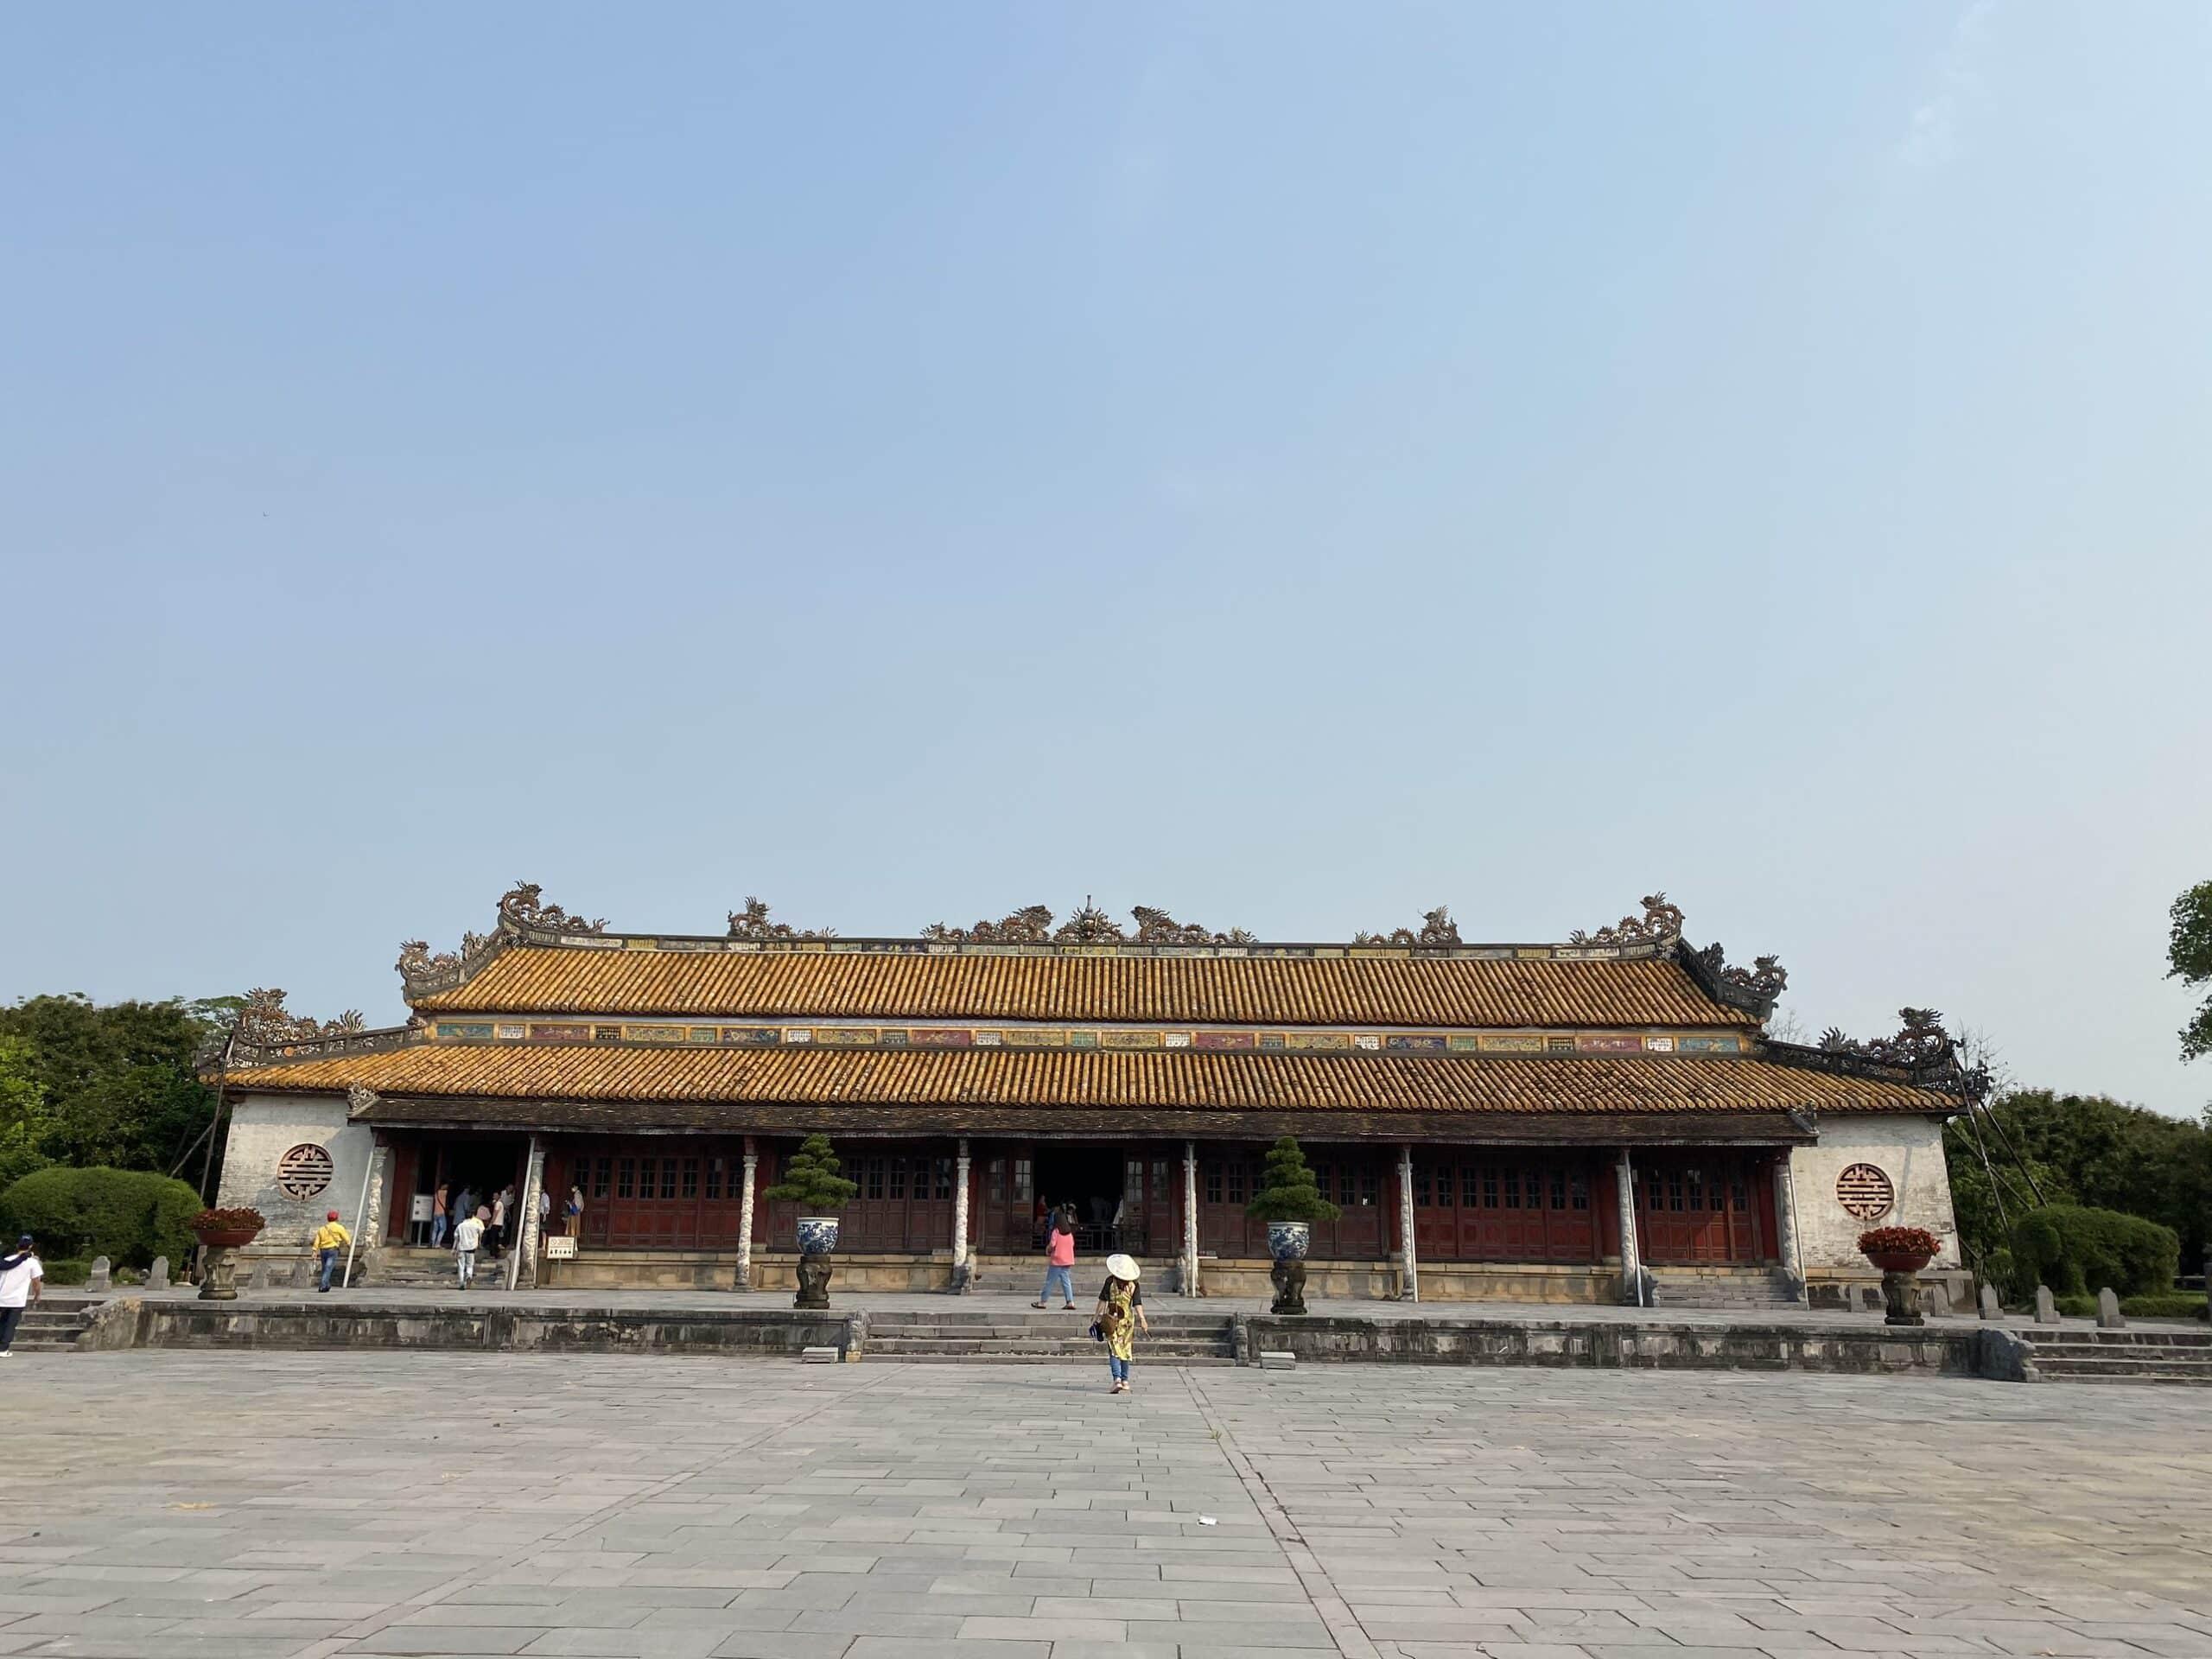 Đại Nội Huế chứng kiến sự sụp đổ của vương triều cuối cùng trong triều đại phong kiến Việt Nam với 13 đời vua.